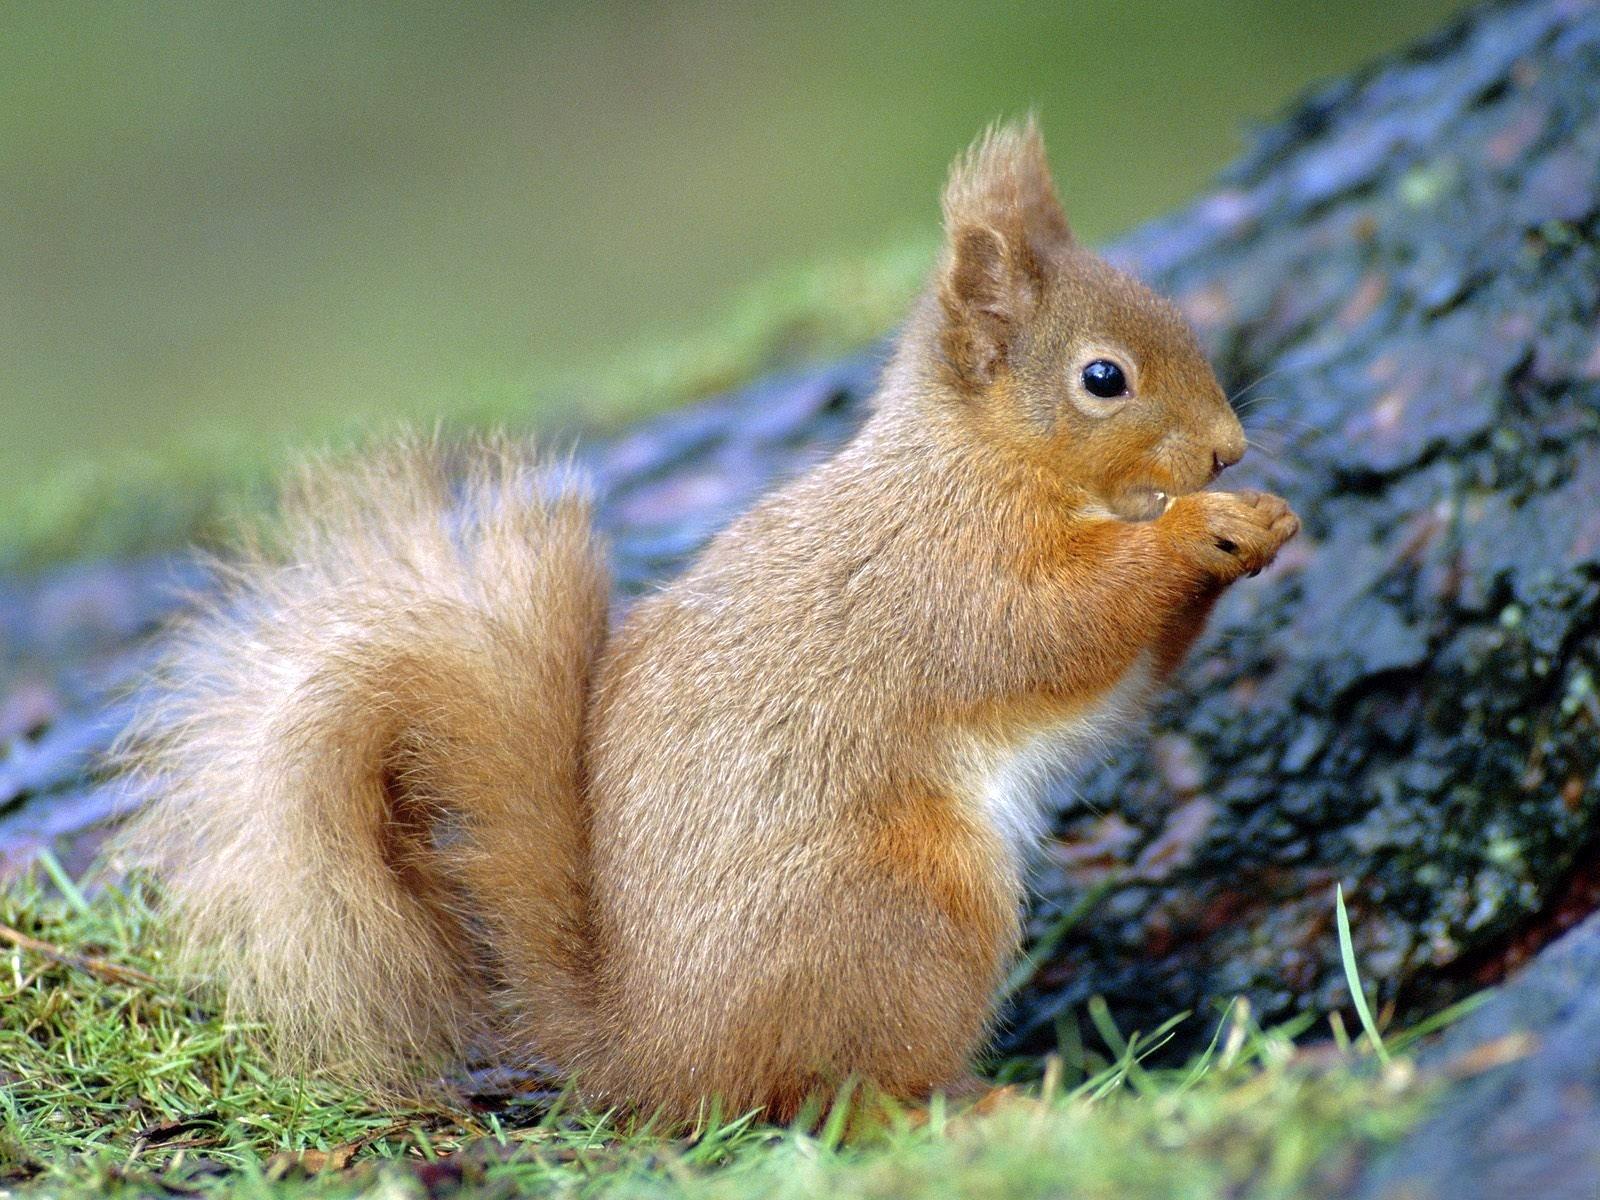 320 Hintergrundbild herunterladen Tiere, Eichhörnchen, Nagetiere - Bildschirmschoner und Bilder kostenlos